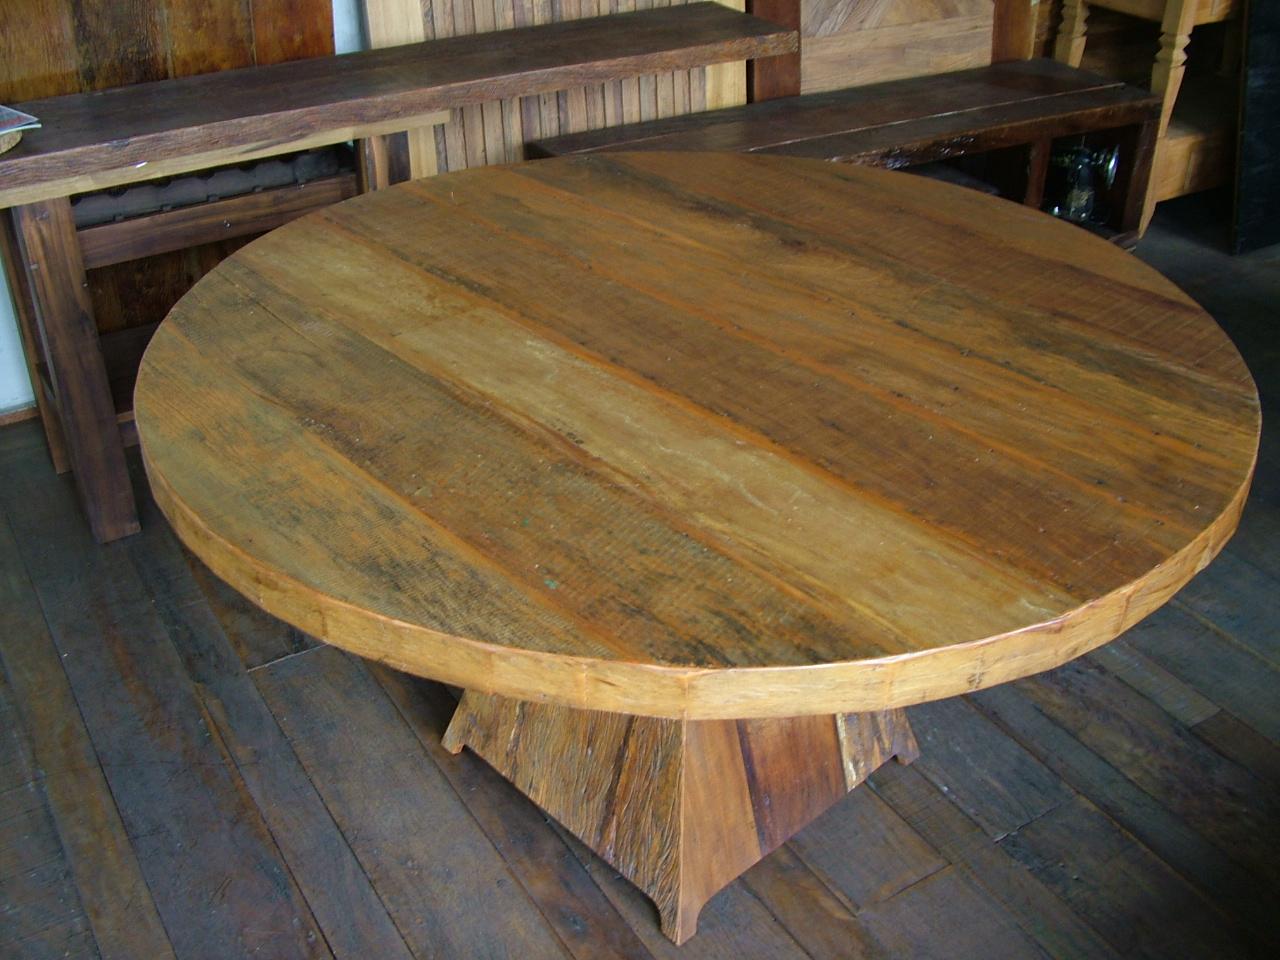 em madeira de demolição projetada com um tampo redondo de 1 50m de  #9F762C 1280x960